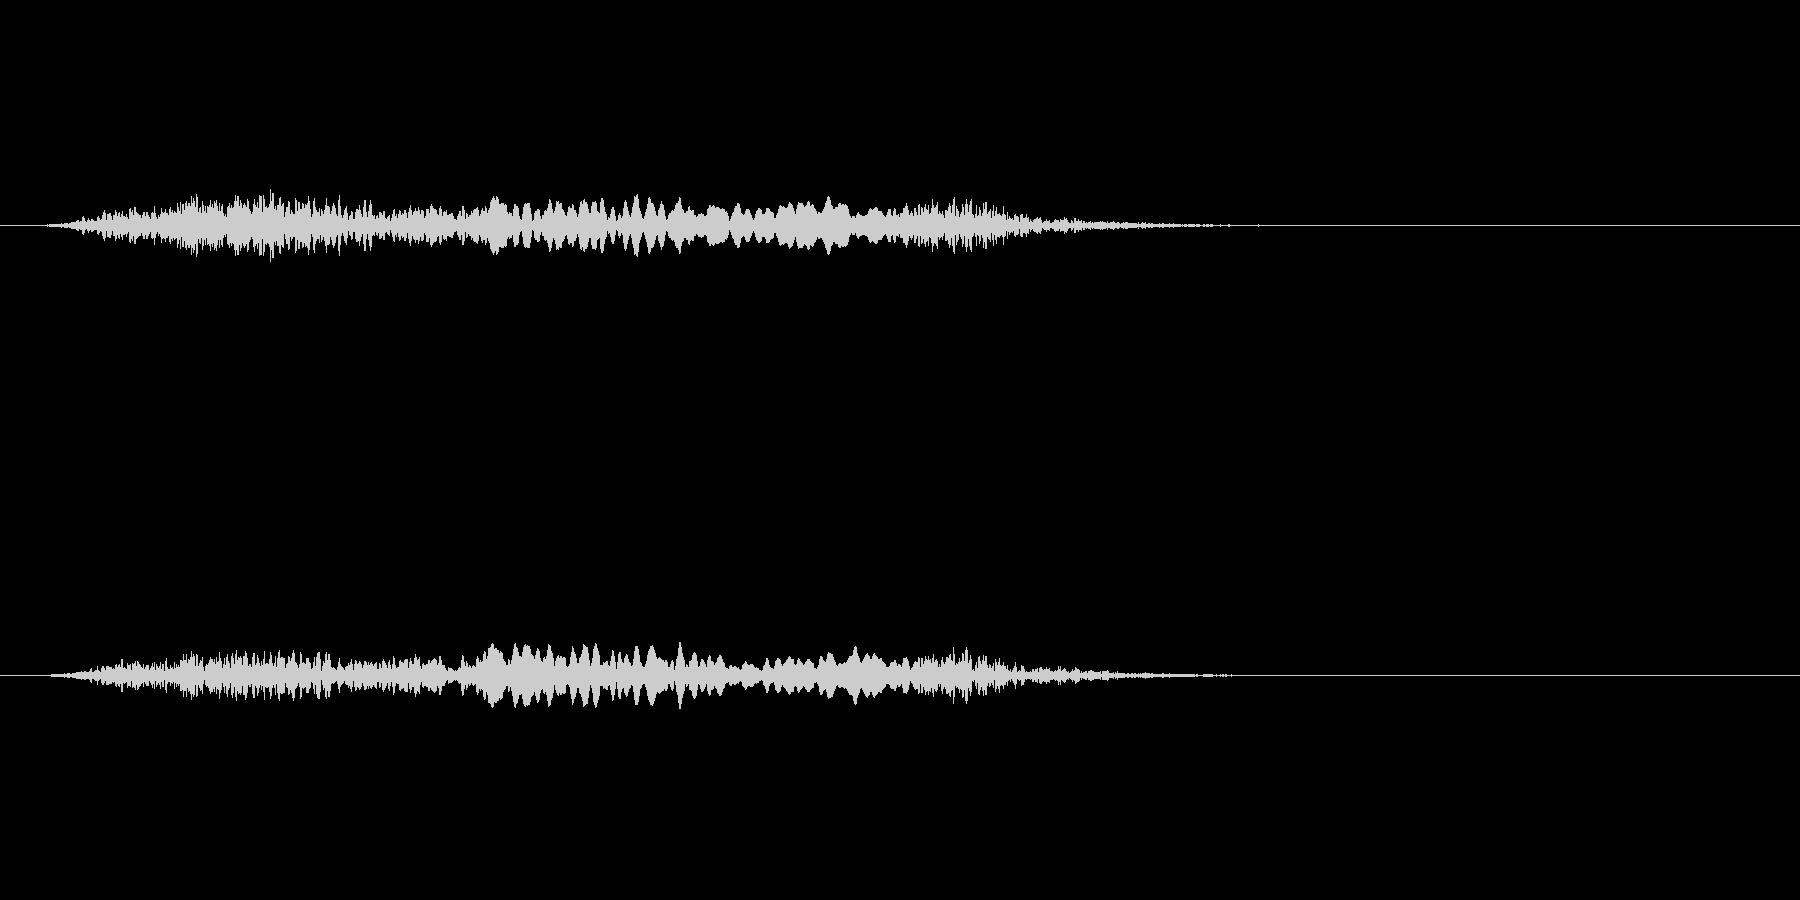 【絶叫 女性01-4】の未再生の波形